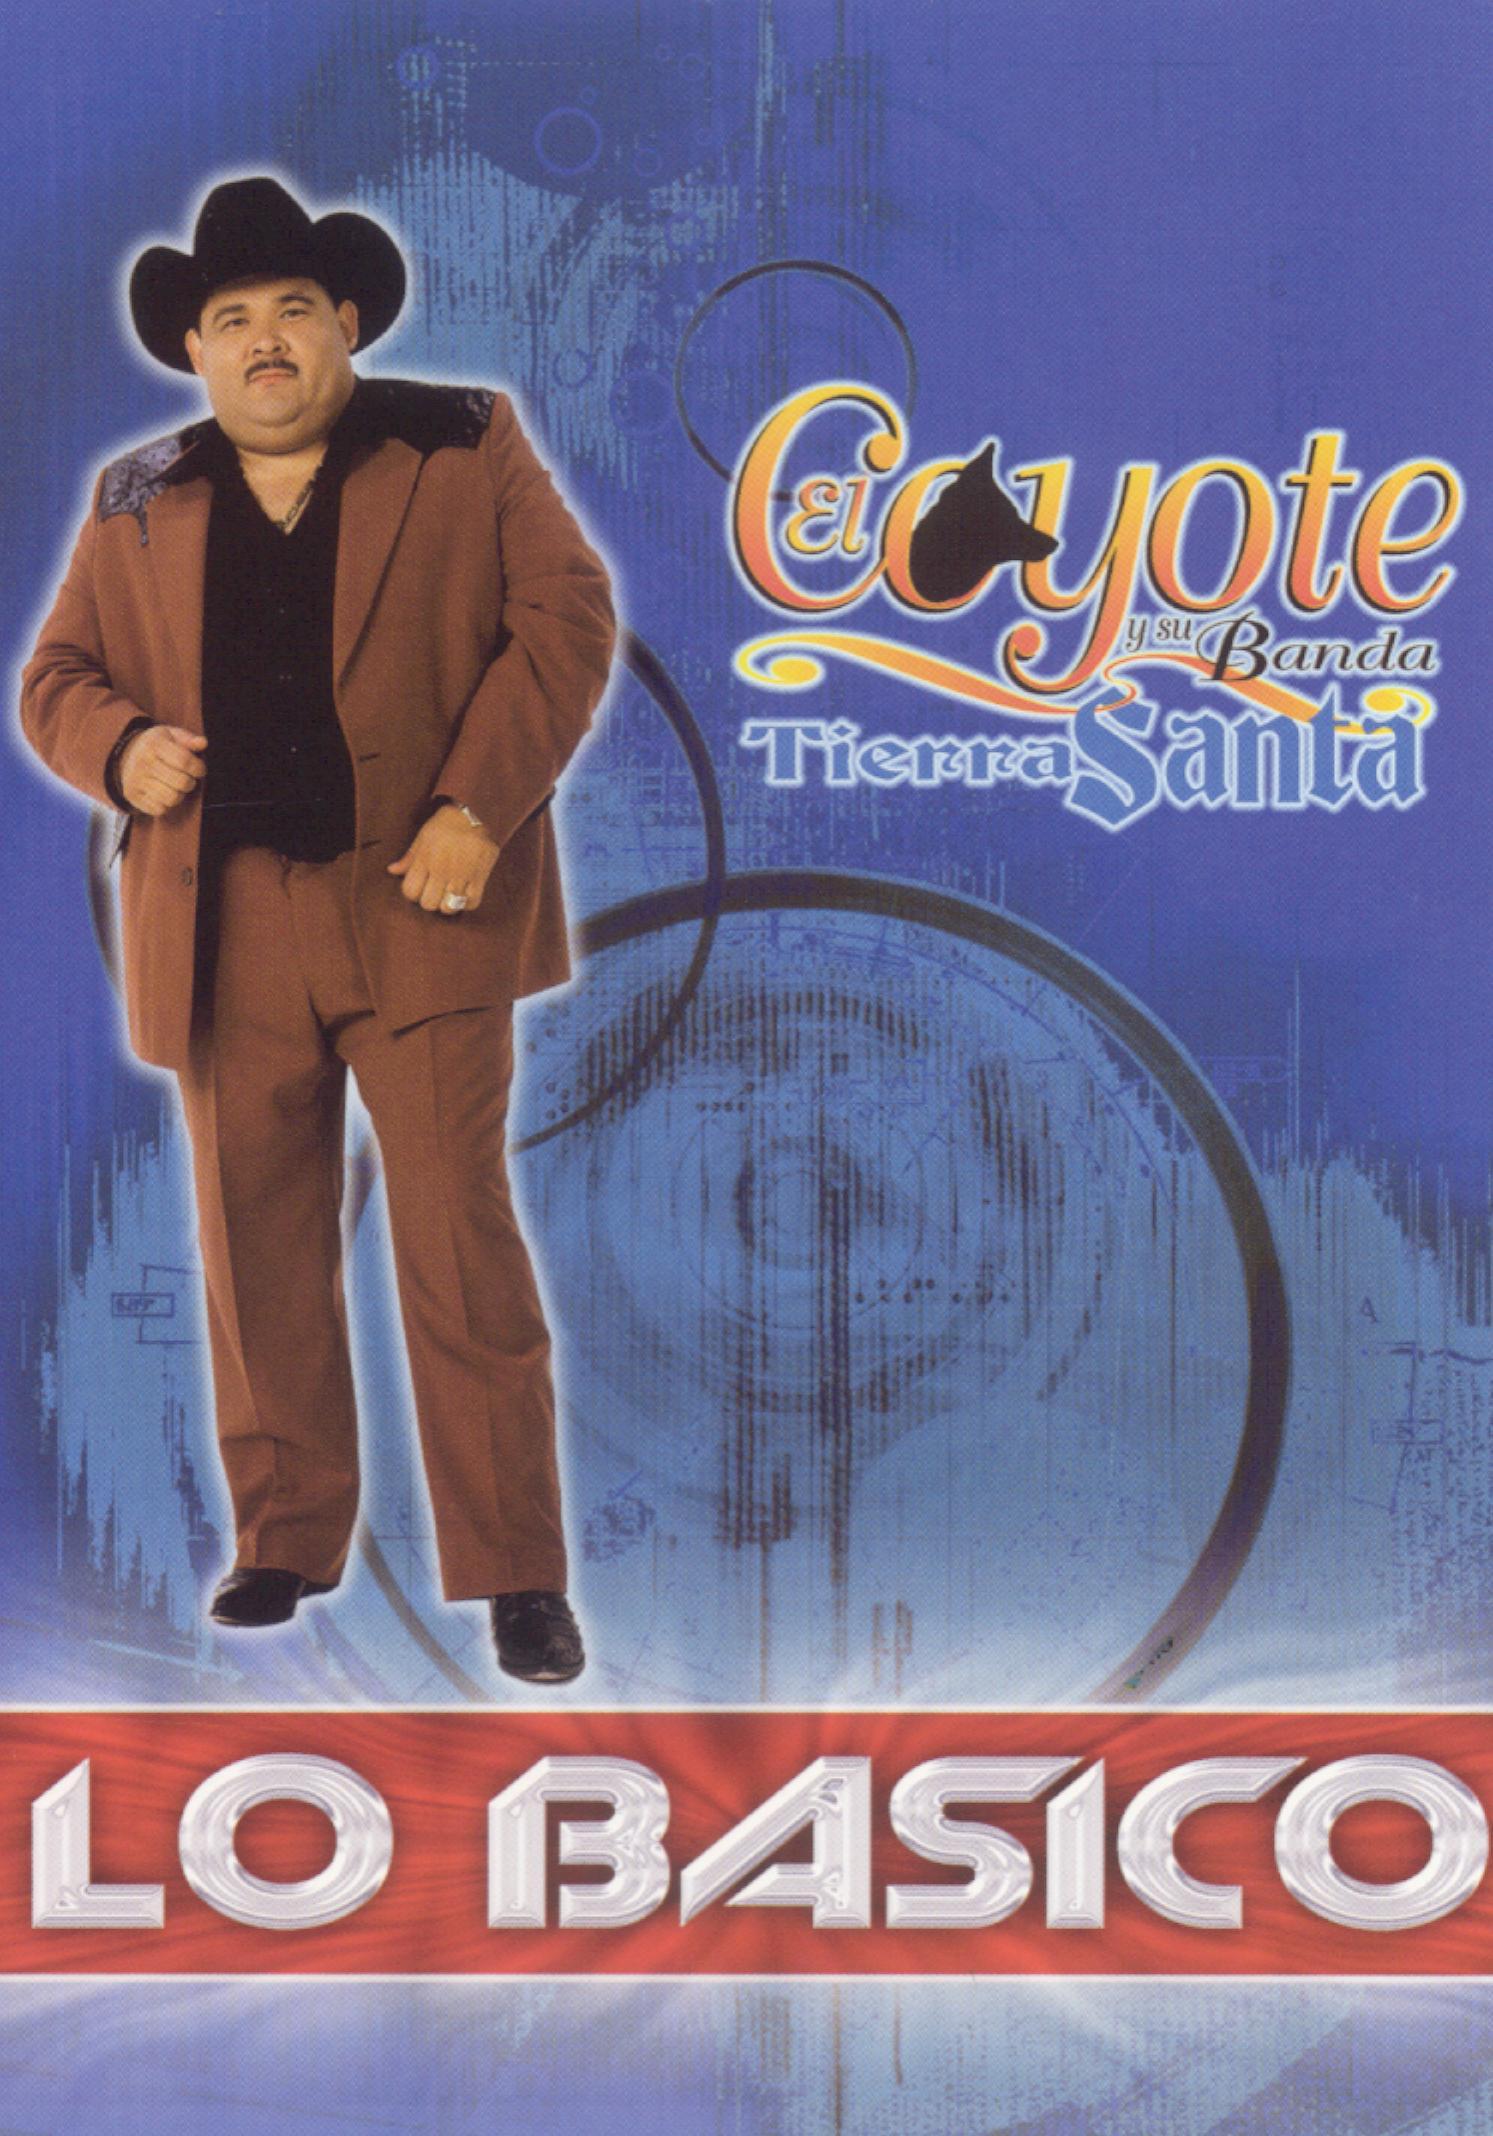 El Coyote y su Banda Tierra Santa: Lo Basico